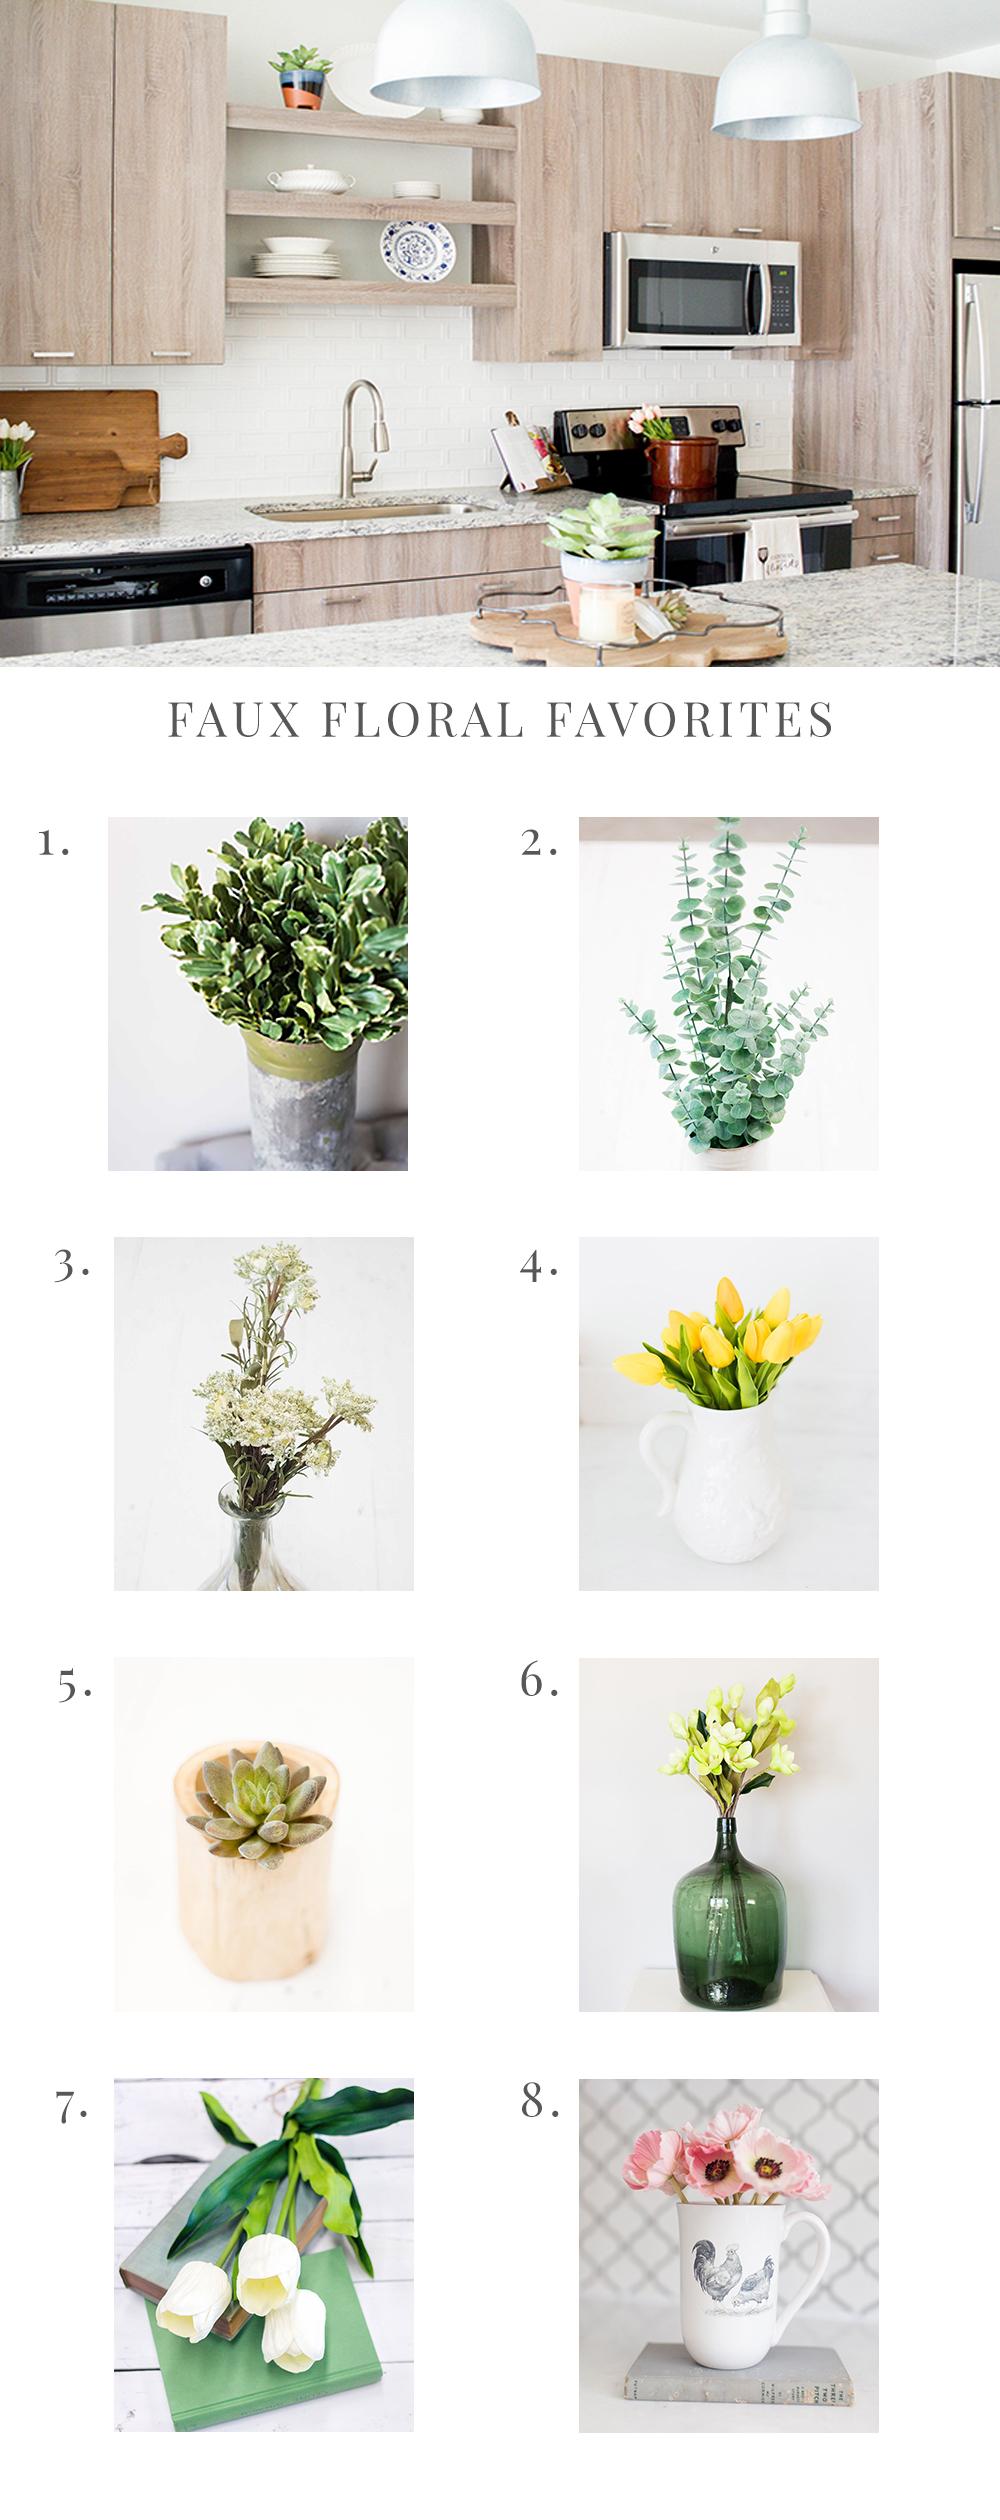 Shop the Look - Faux Florals.jpg